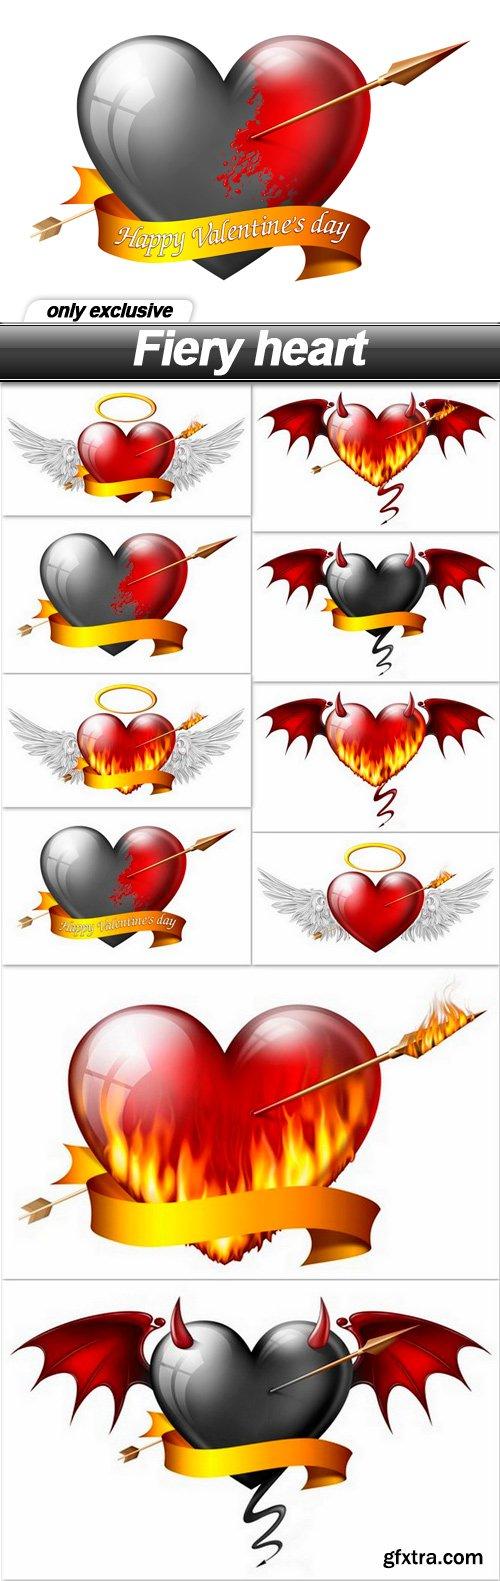 Fiery heart - 10 UHQ JPEG